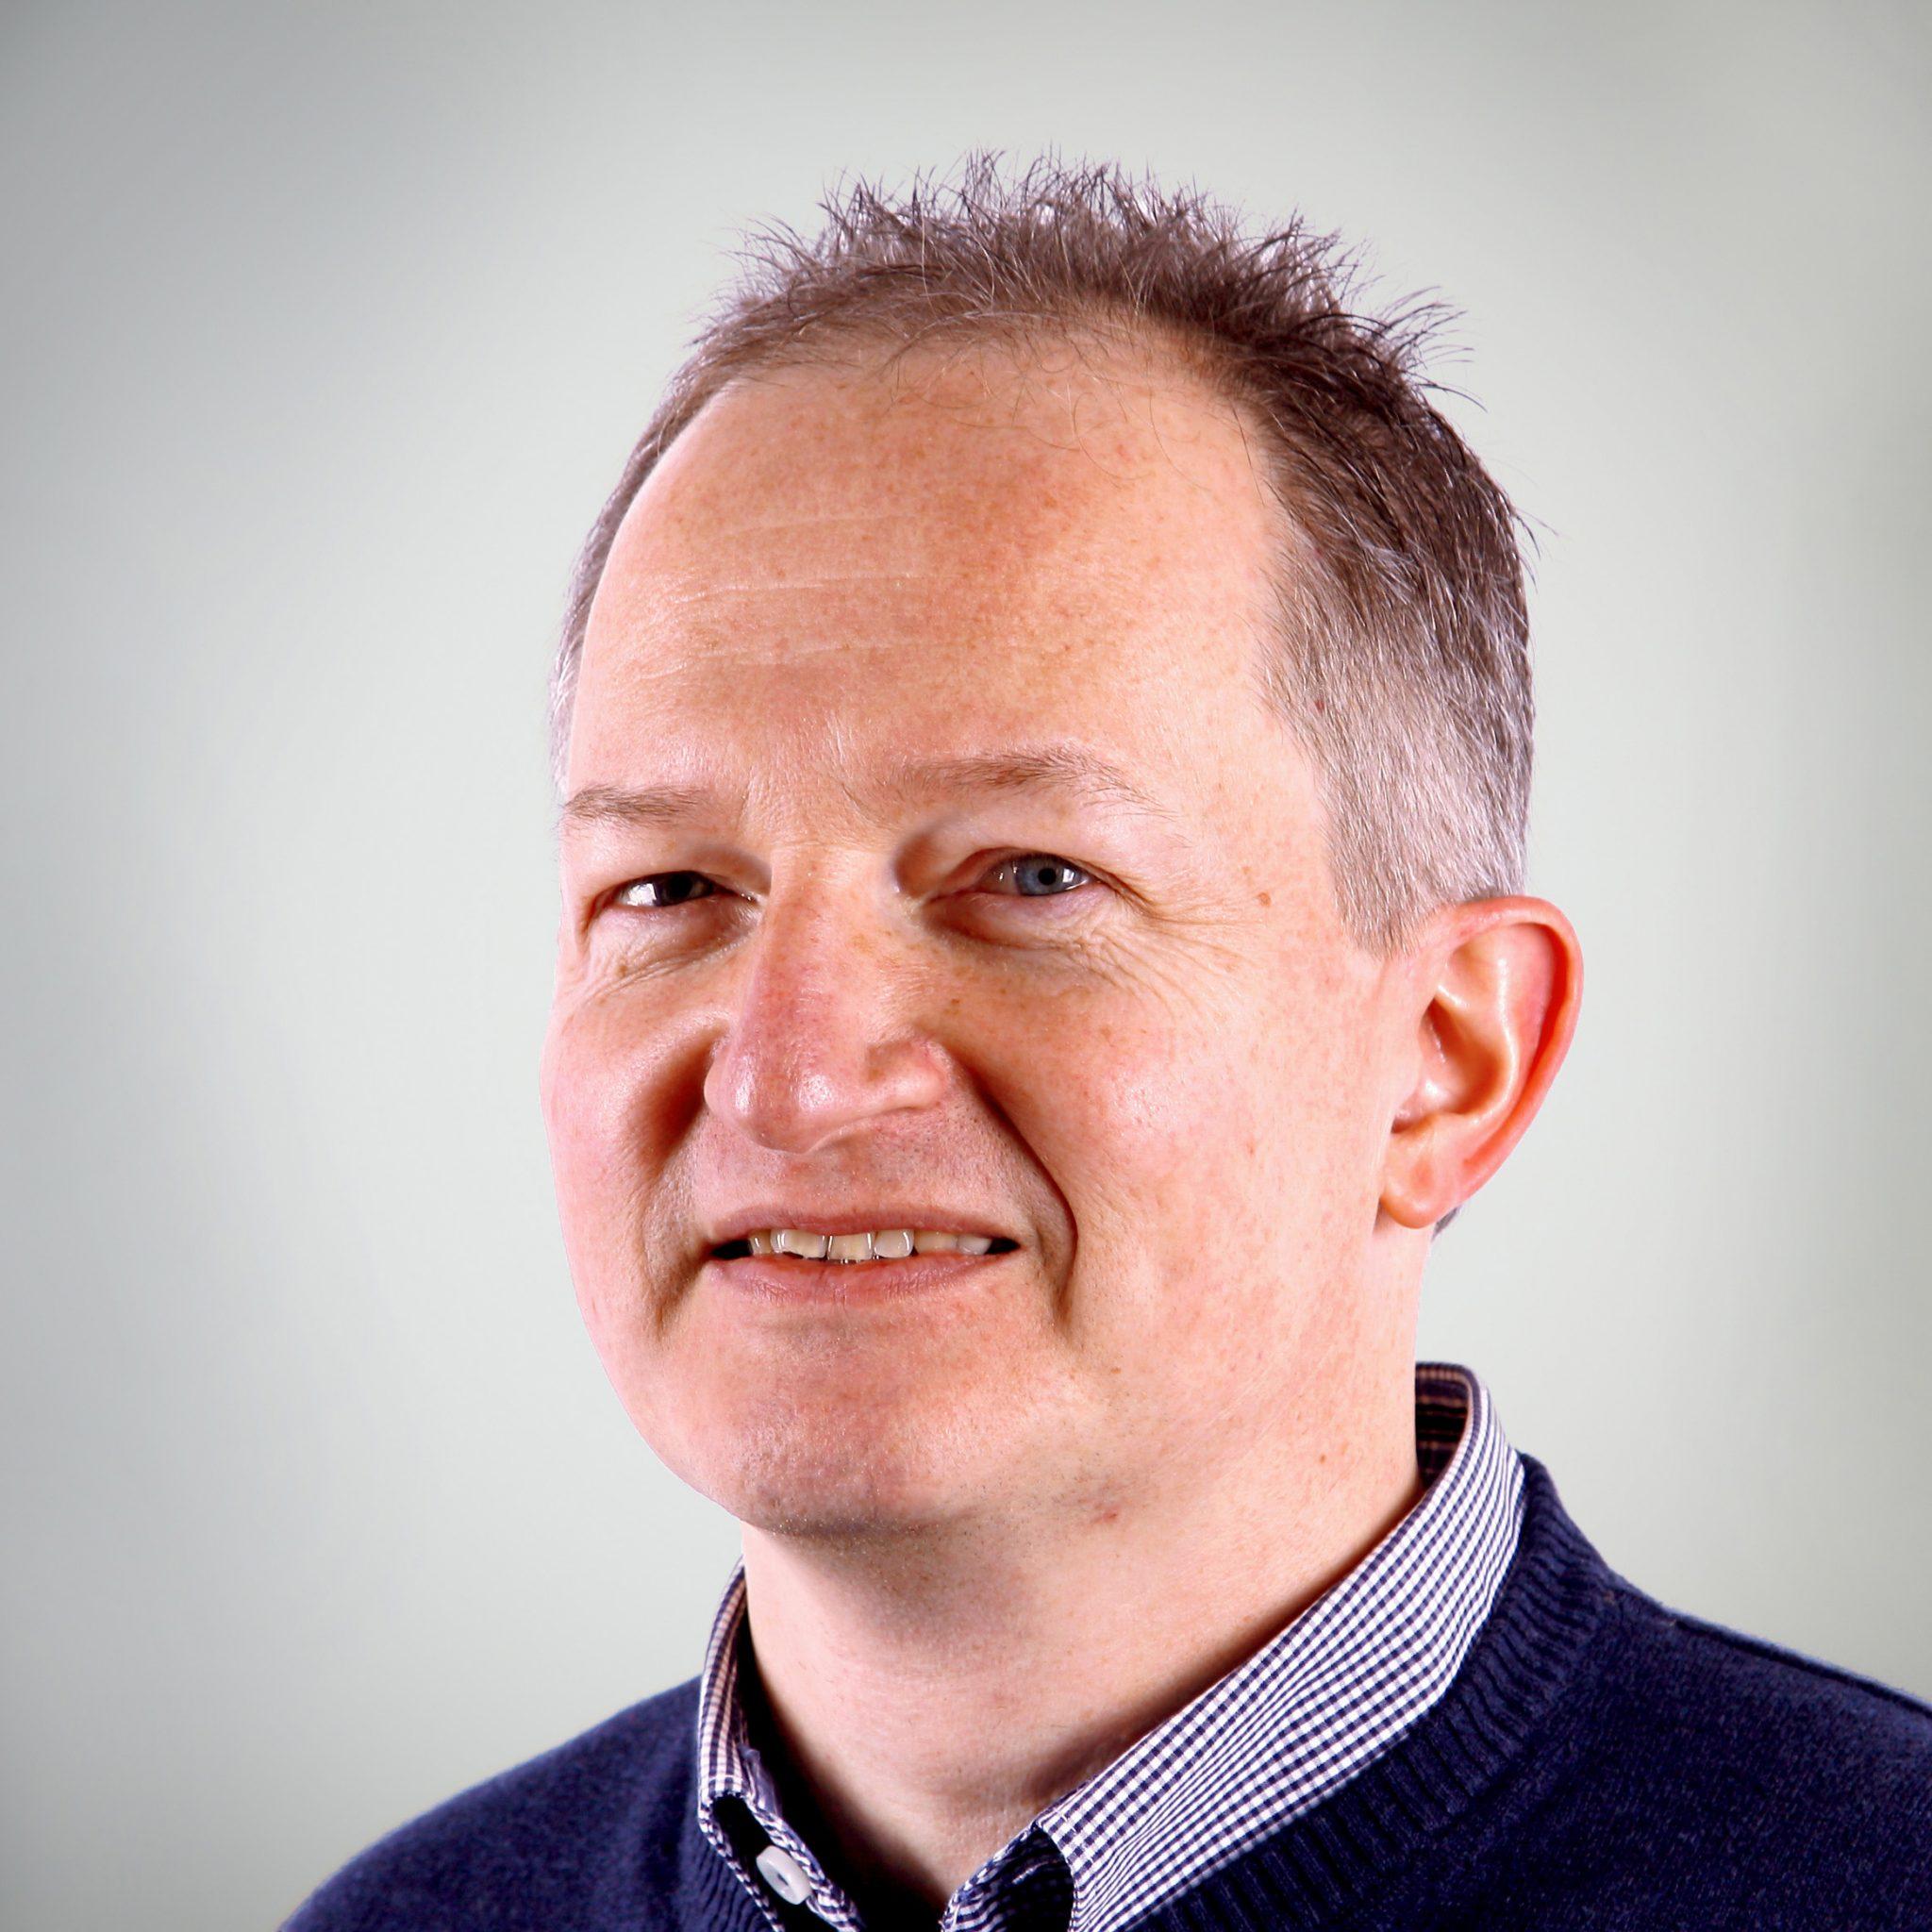 Markus Heinzelmann